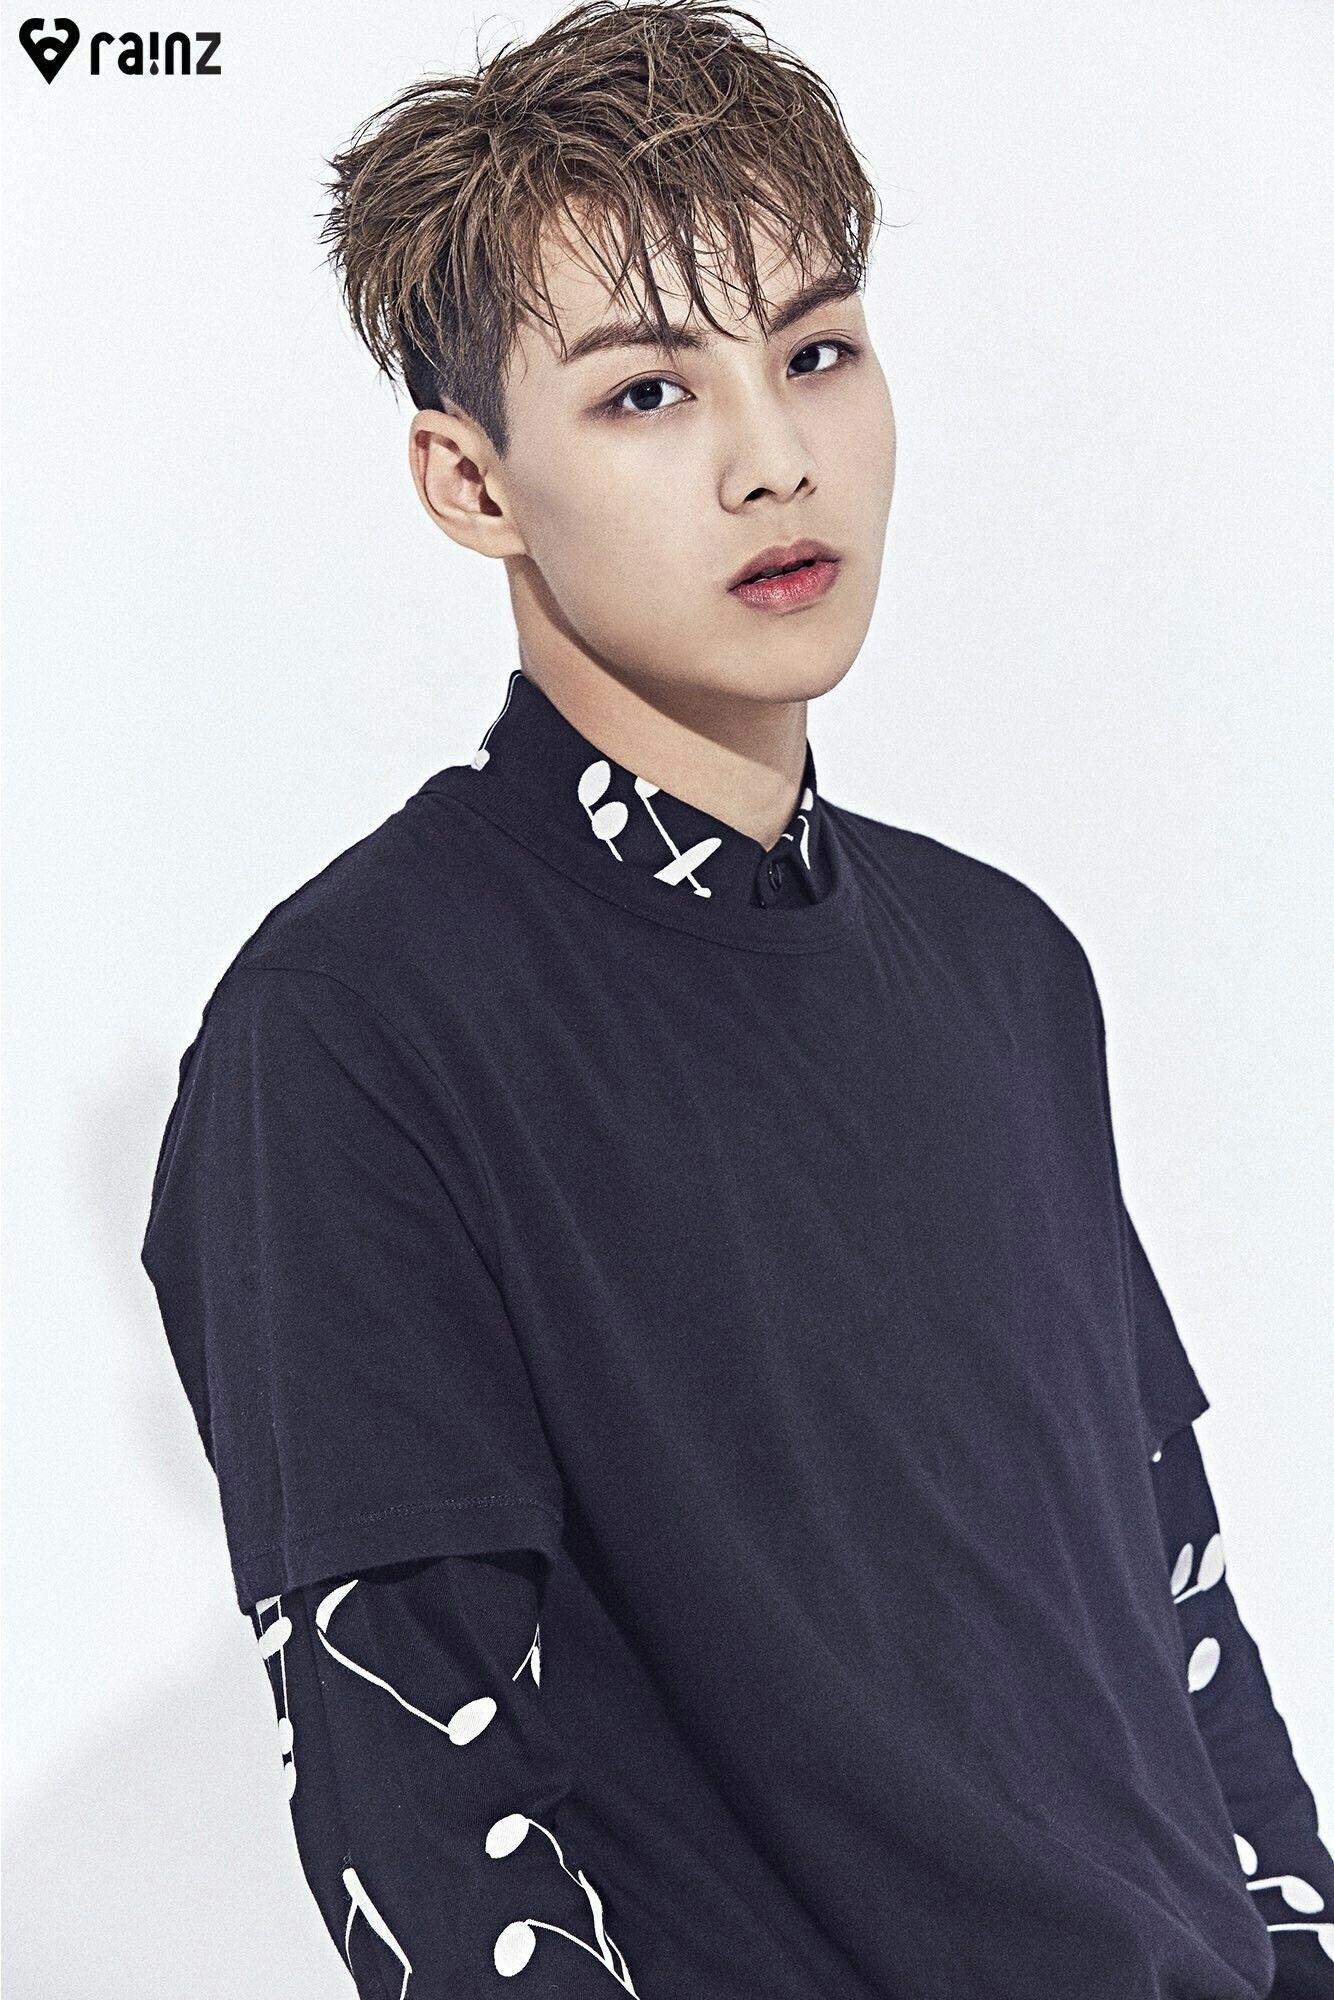 Sung Hyuk | Rainz in 2019 | Produce 101, Joo won, Seo